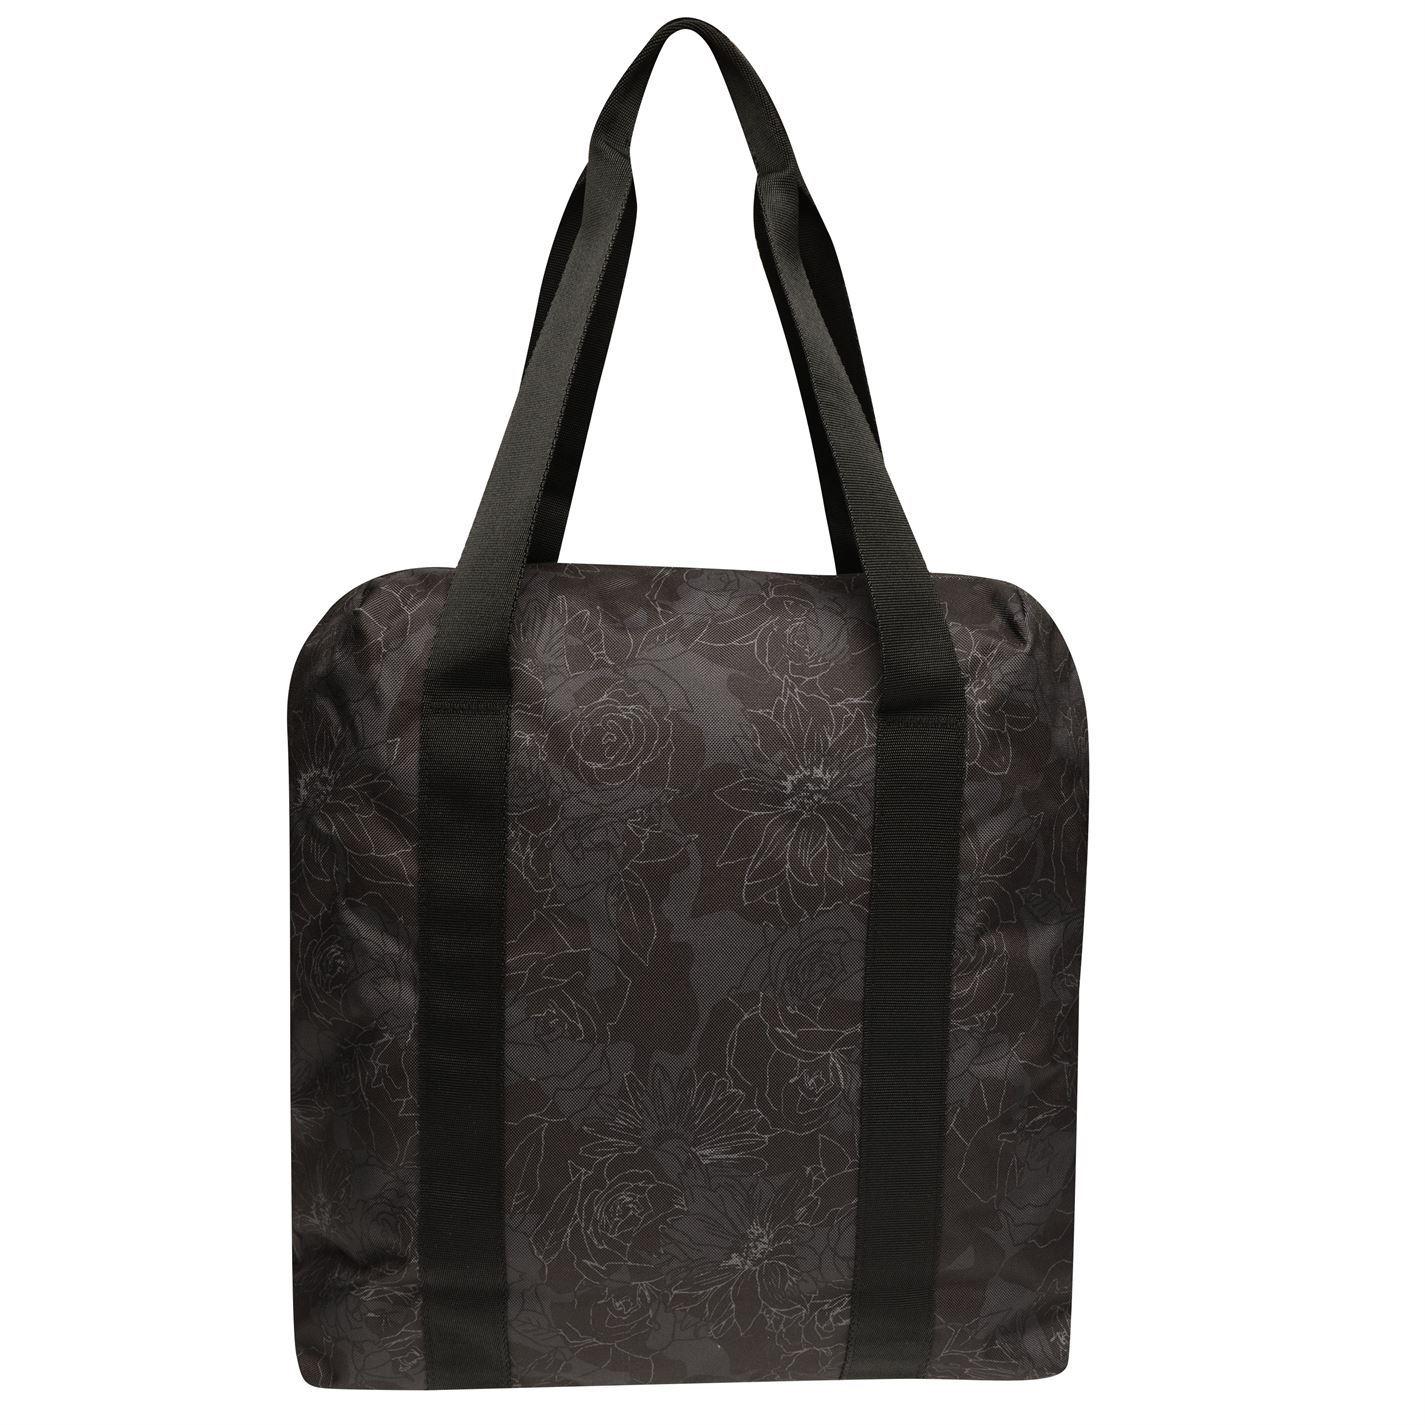 941461a65e Details about adidas Fav Floral Tote Bag Womens Black Grey Holdall Handbag  Shopper Bag